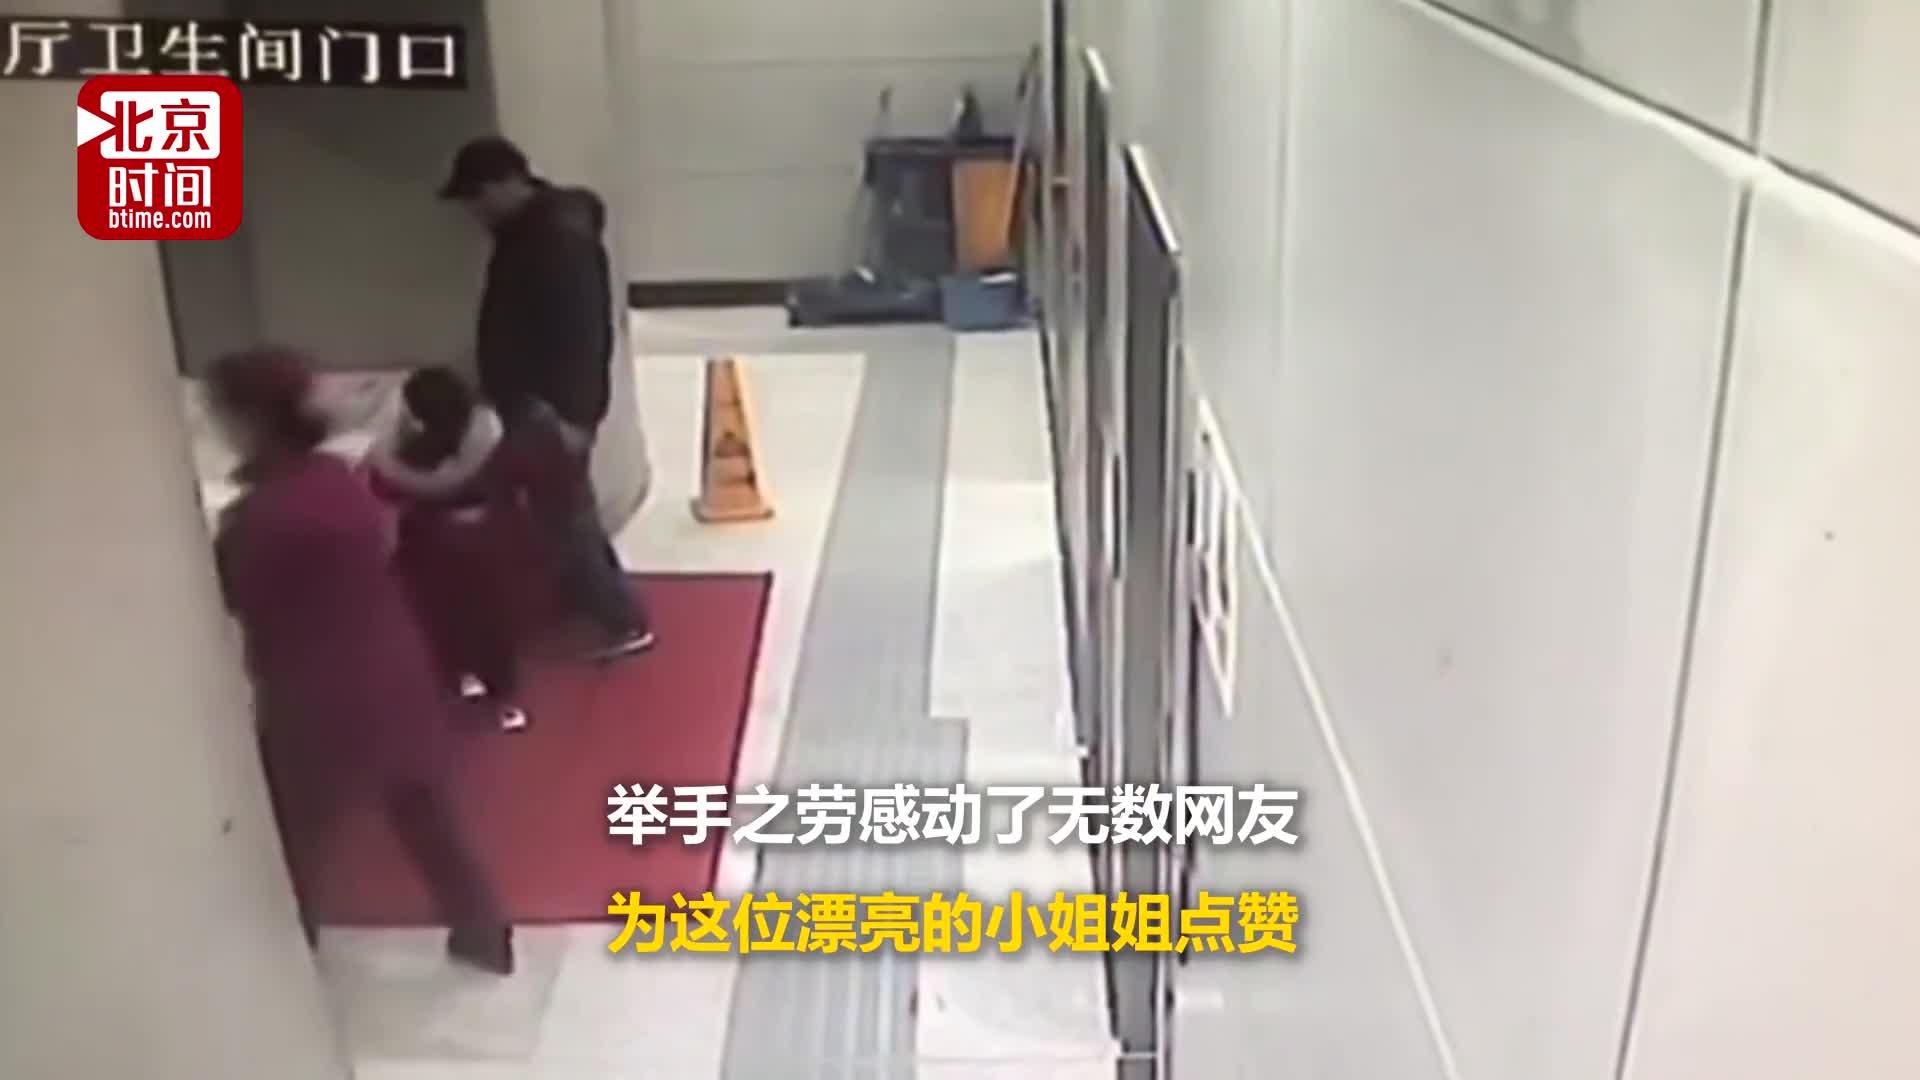 [视频]小女孩上公厕想爸爸陪 地铁小姐姐:爸爸不方便我带你去